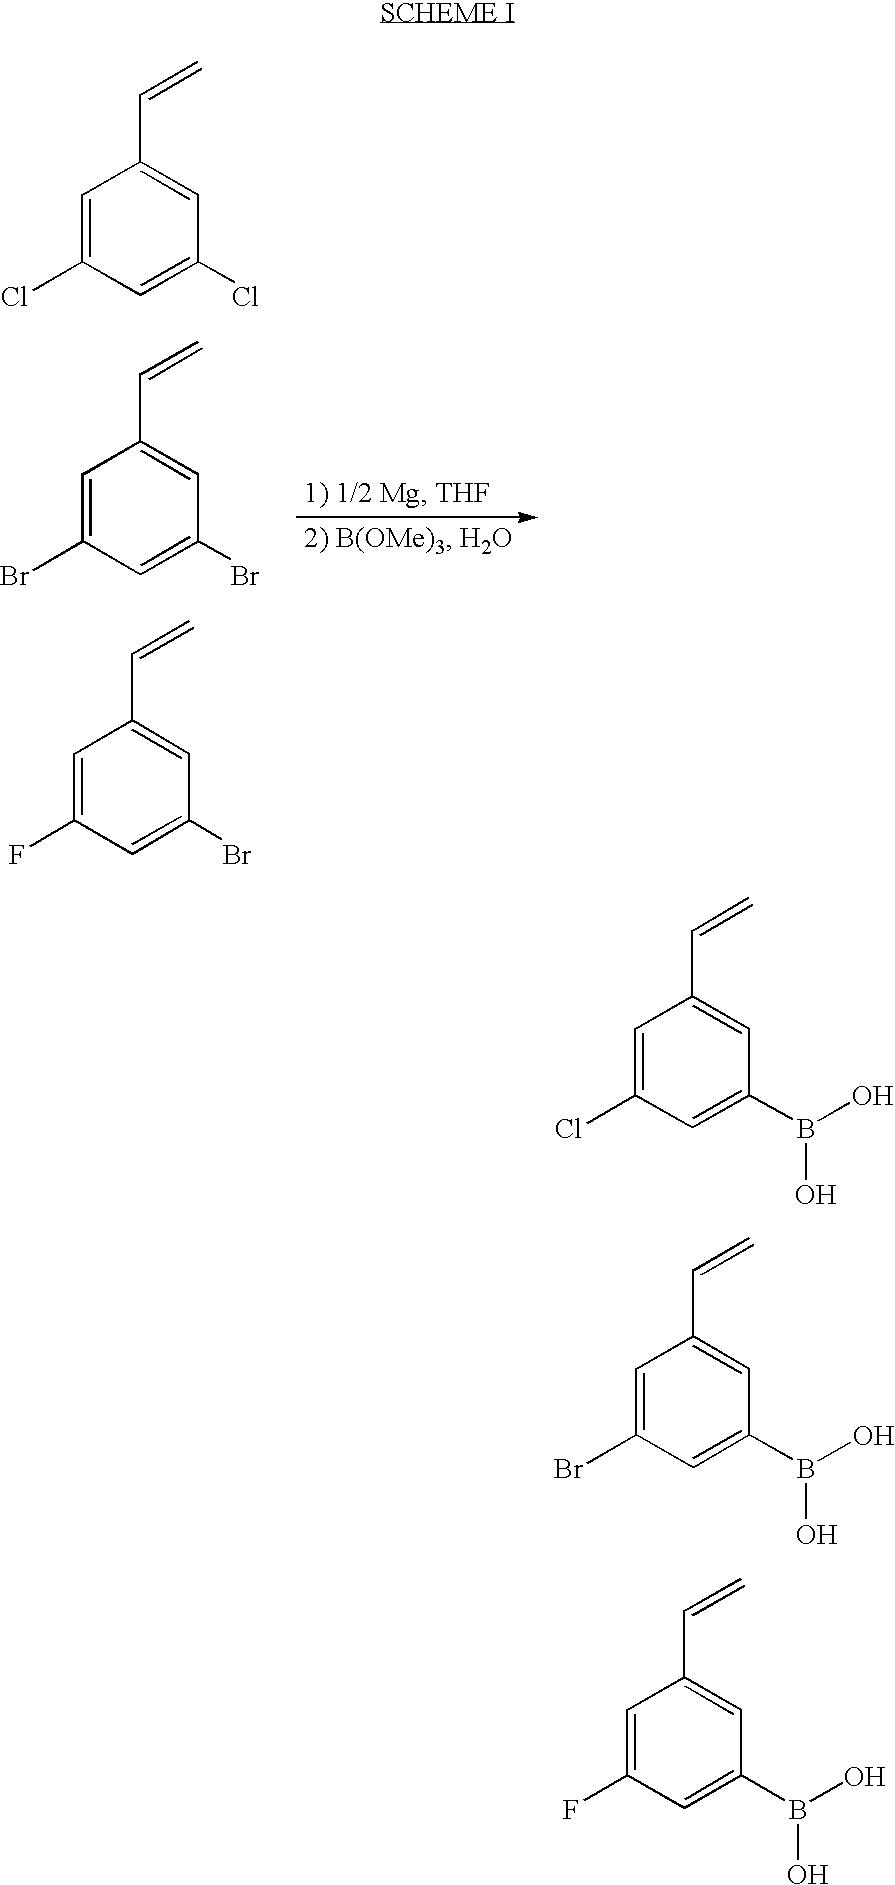 Figure US20100168851A1-20100701-C00011